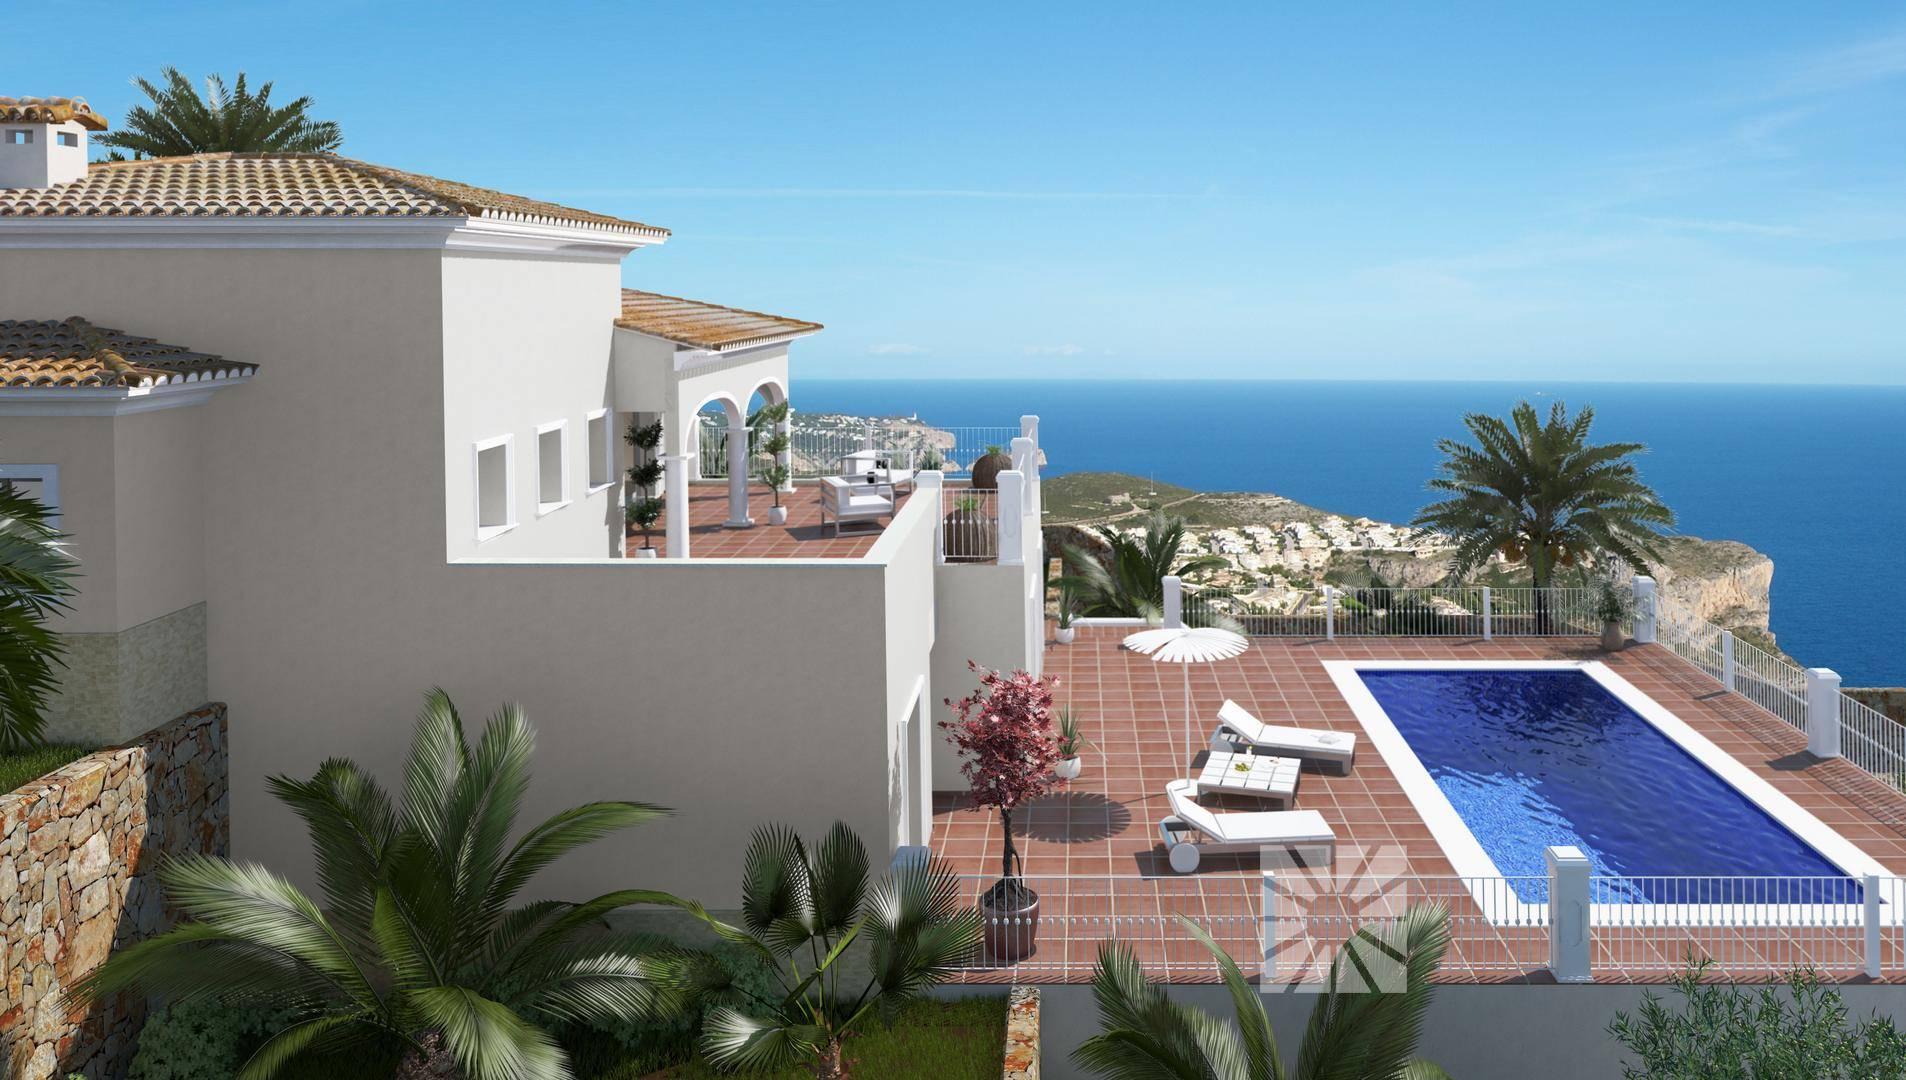 Недвижимость в испании – купить жилье в испании на побережье у моря, узнать цены | terrasun